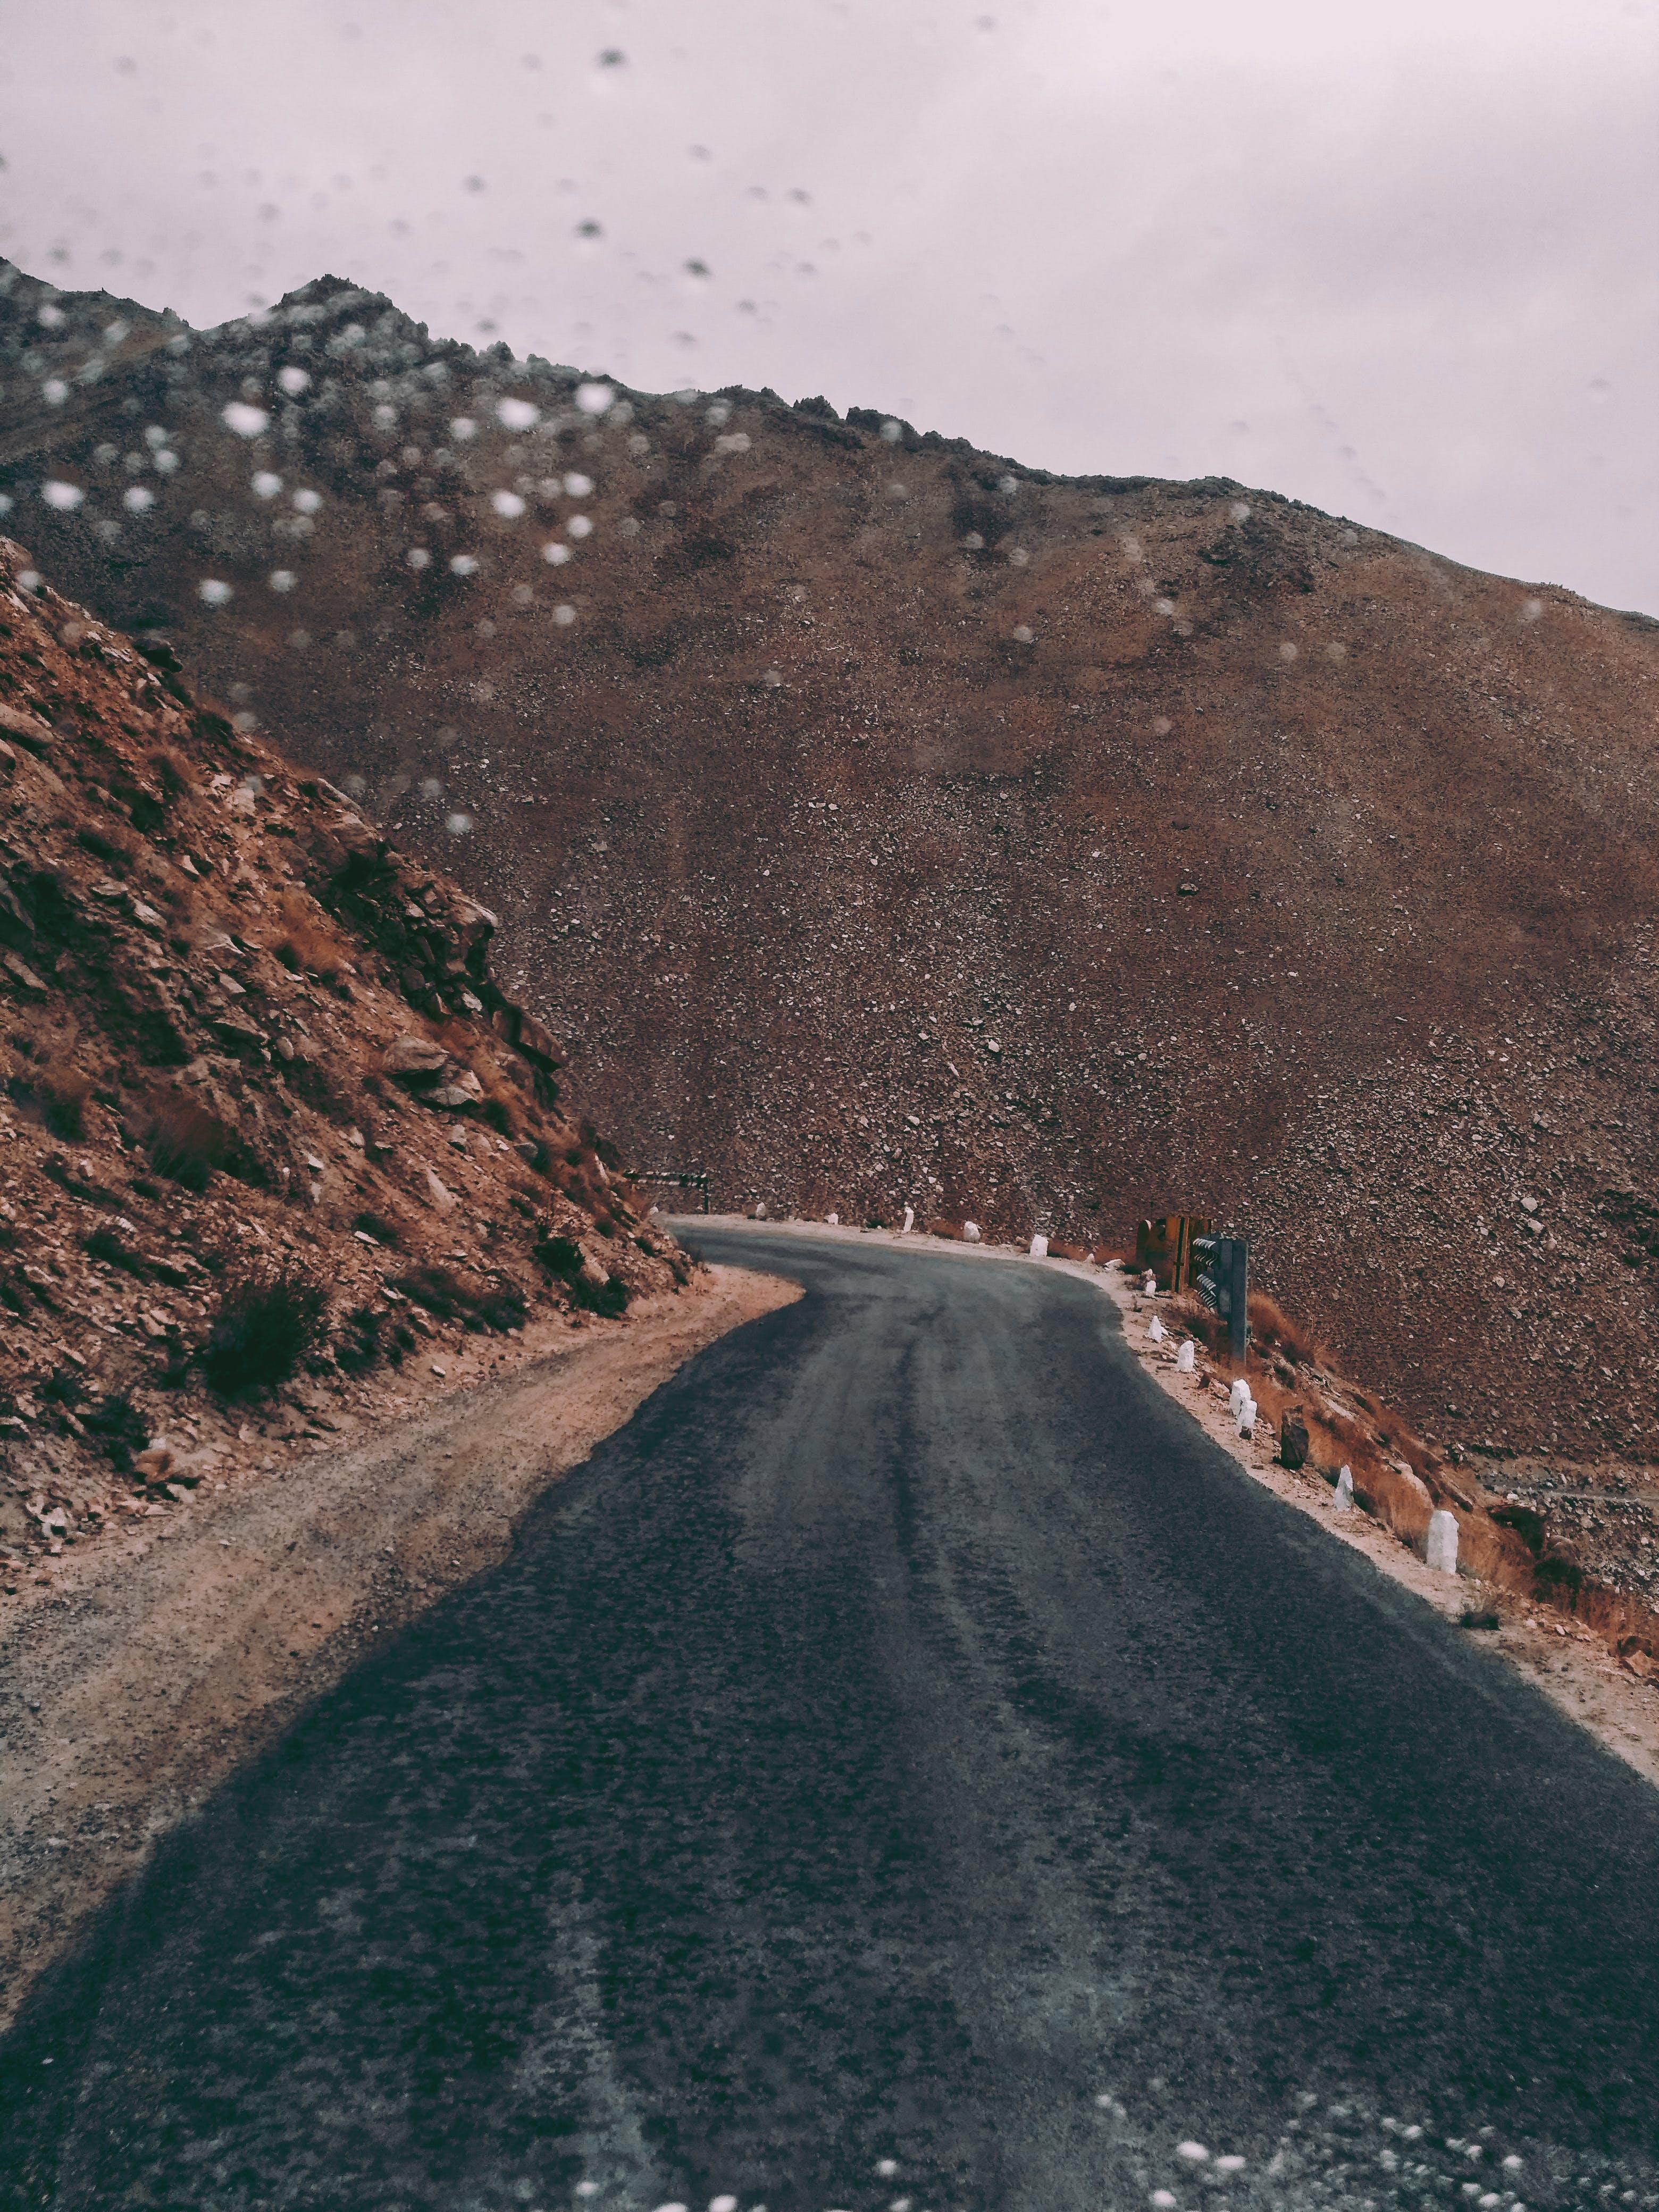 경치, 경치가 좋은, 고속도로, 곡선의 무료 스톡 사진